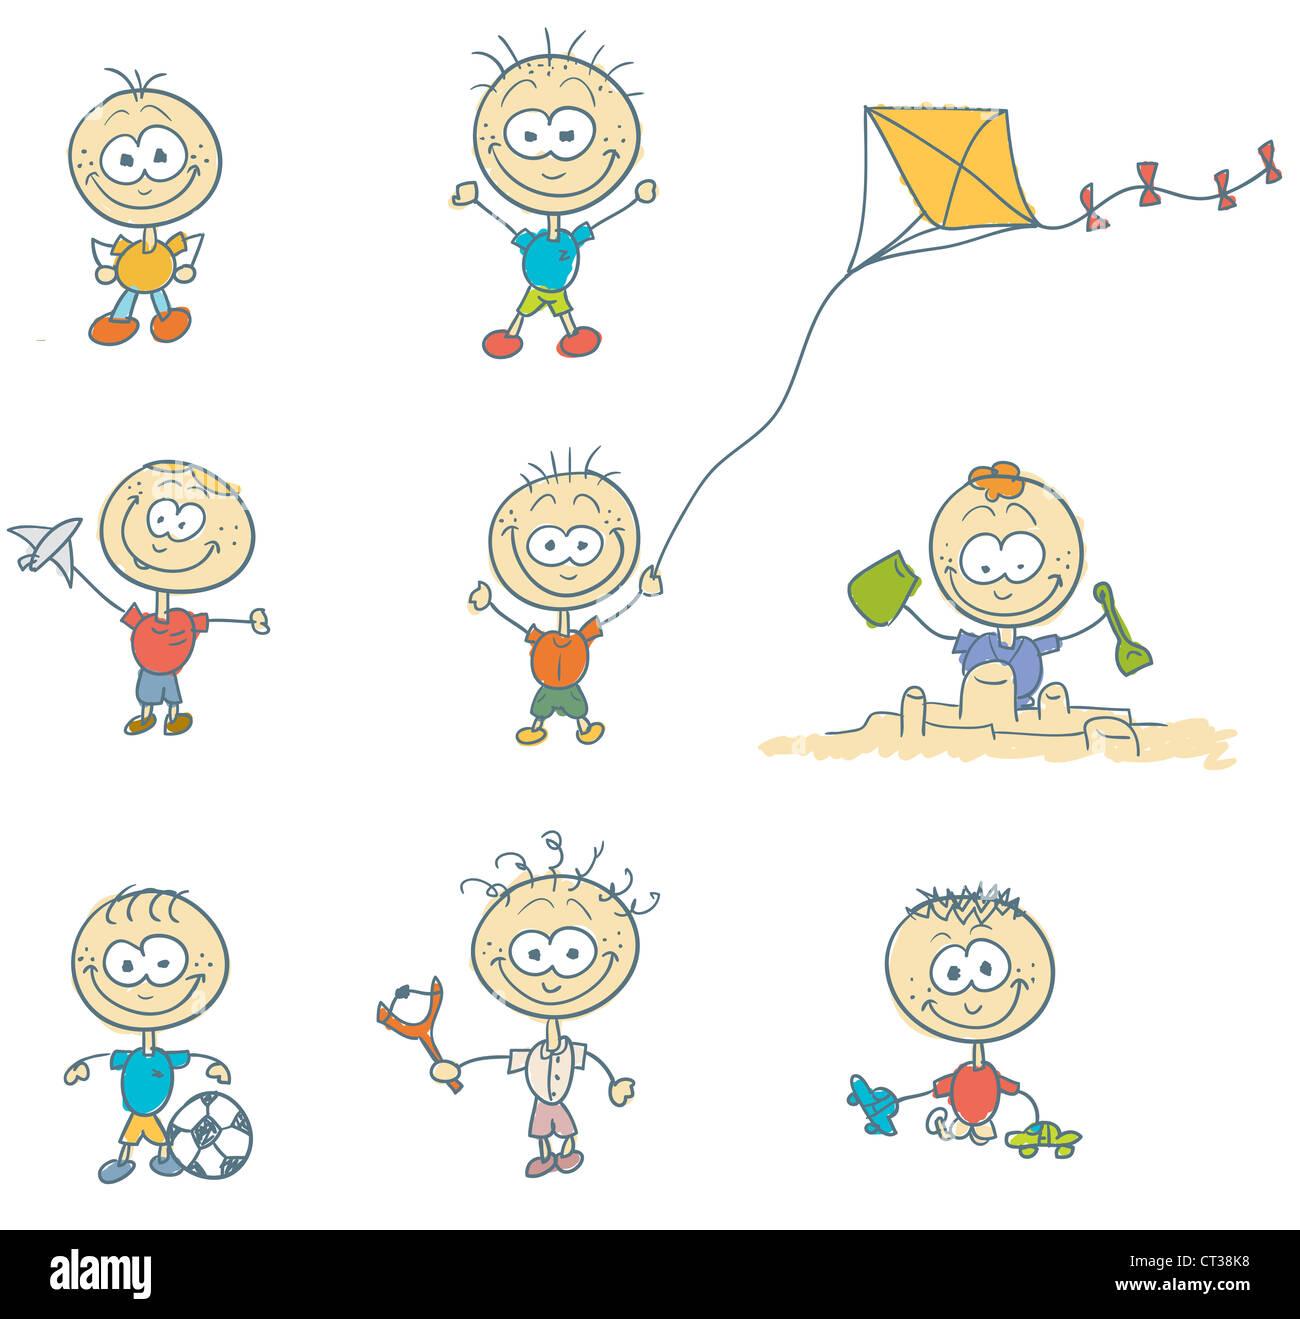 Un groupe d 39 enfants jouer dehors dans un autre jeu dessin d 39 enfants les enfants de kite - Dessin groupe d enfants ...